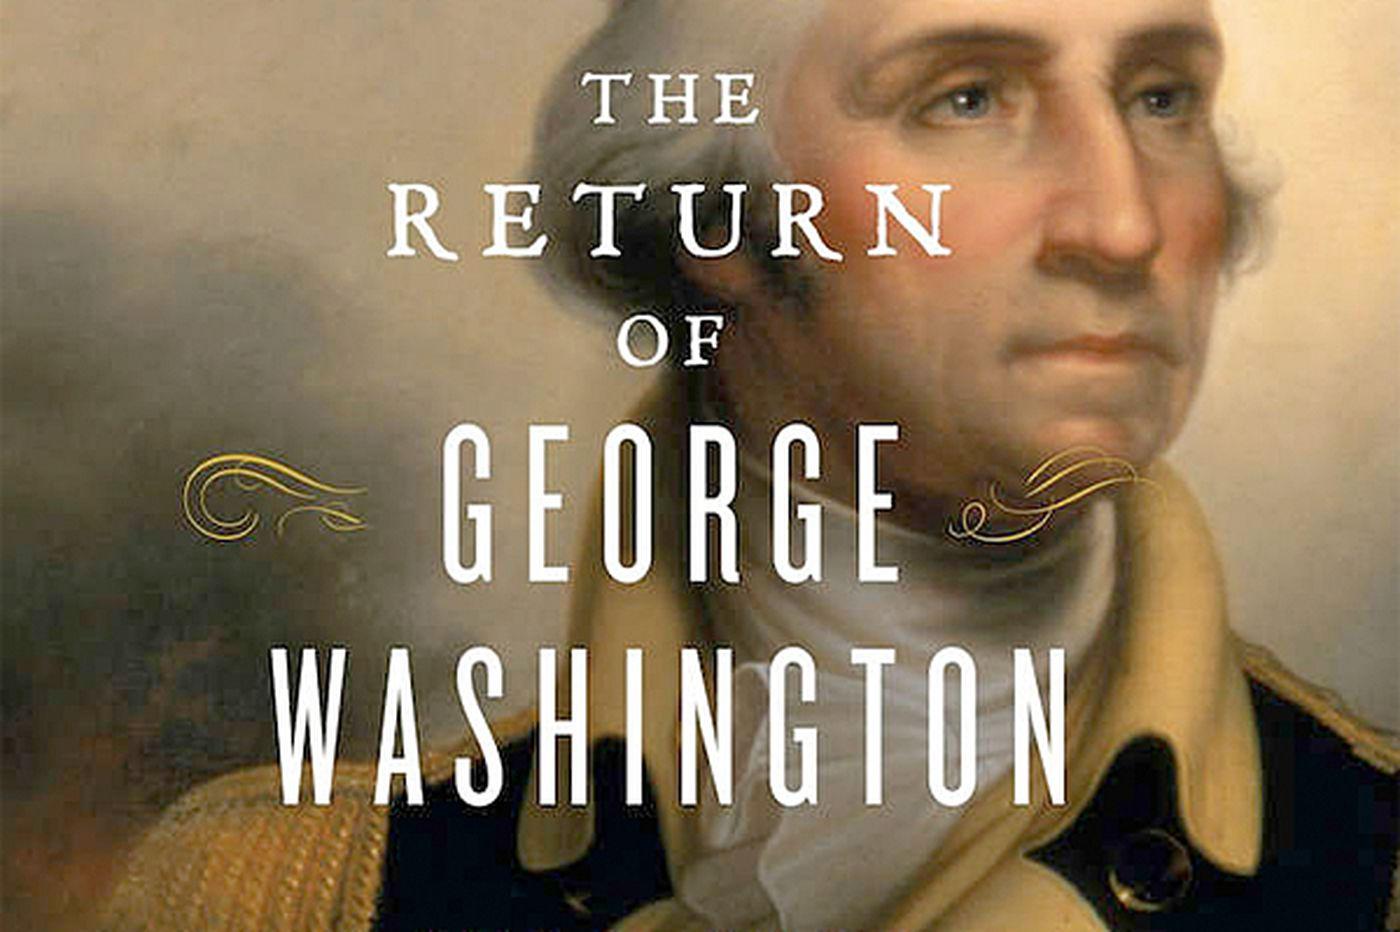 The defining influence of George Washington